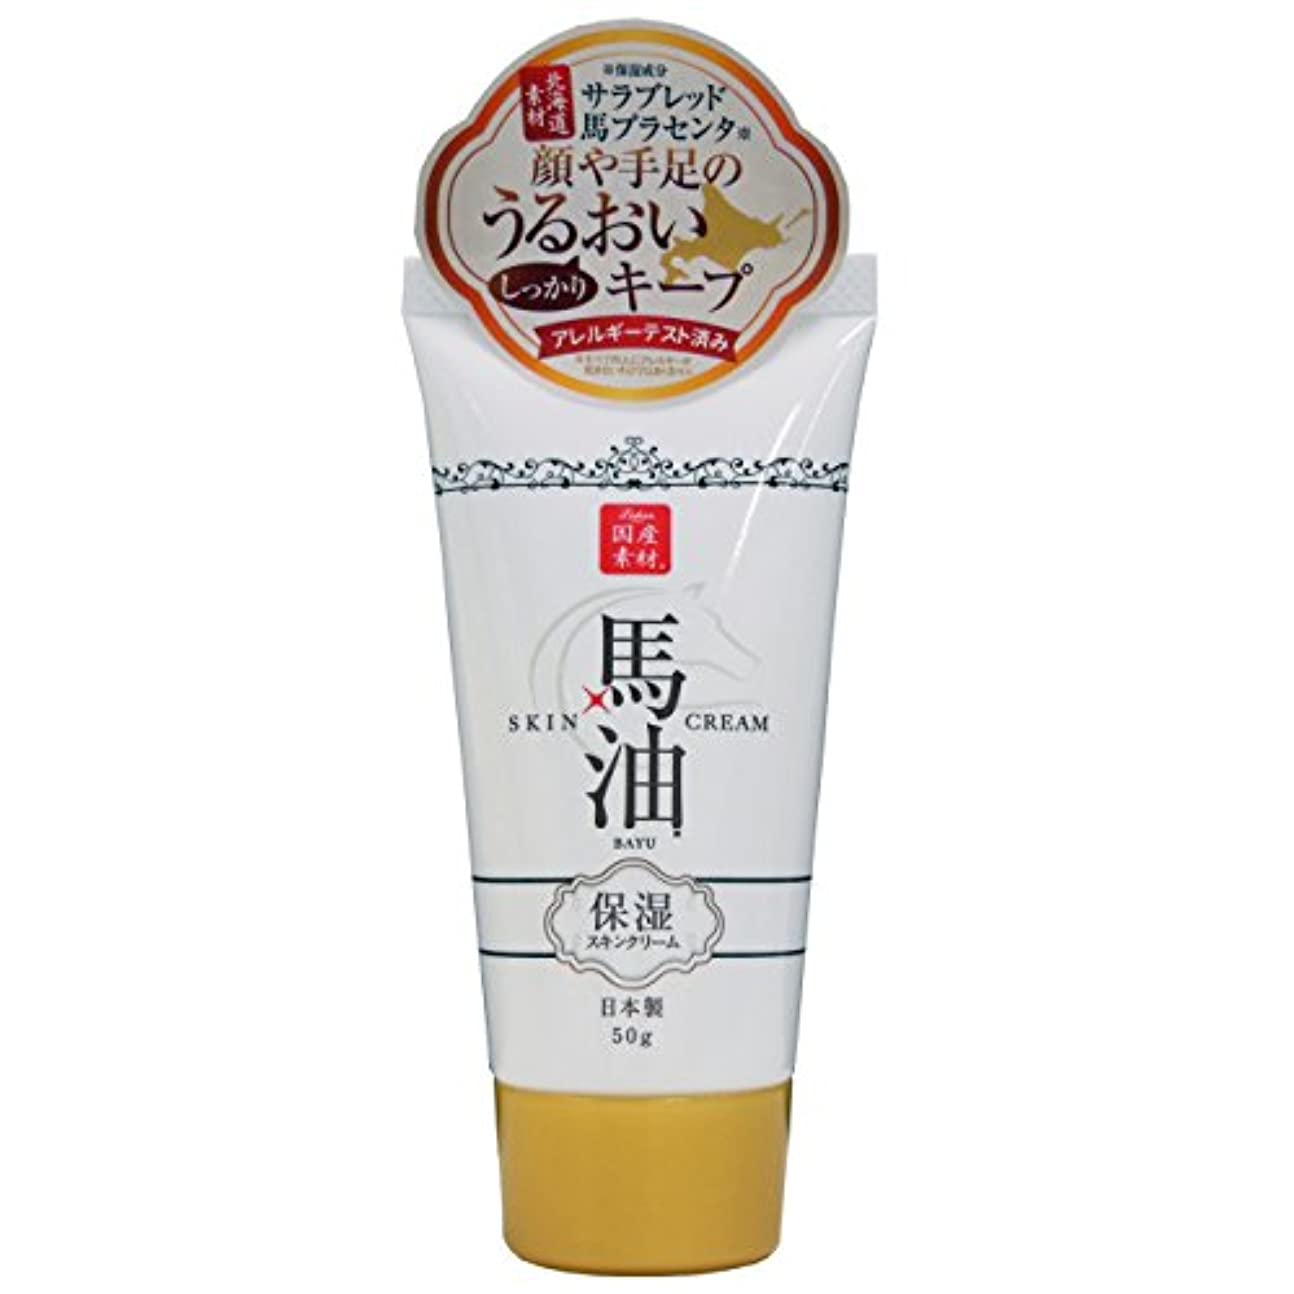 ヤギ処分した食物リシャン 馬油スキンクリーム ミニ (さくらの香り) 50g